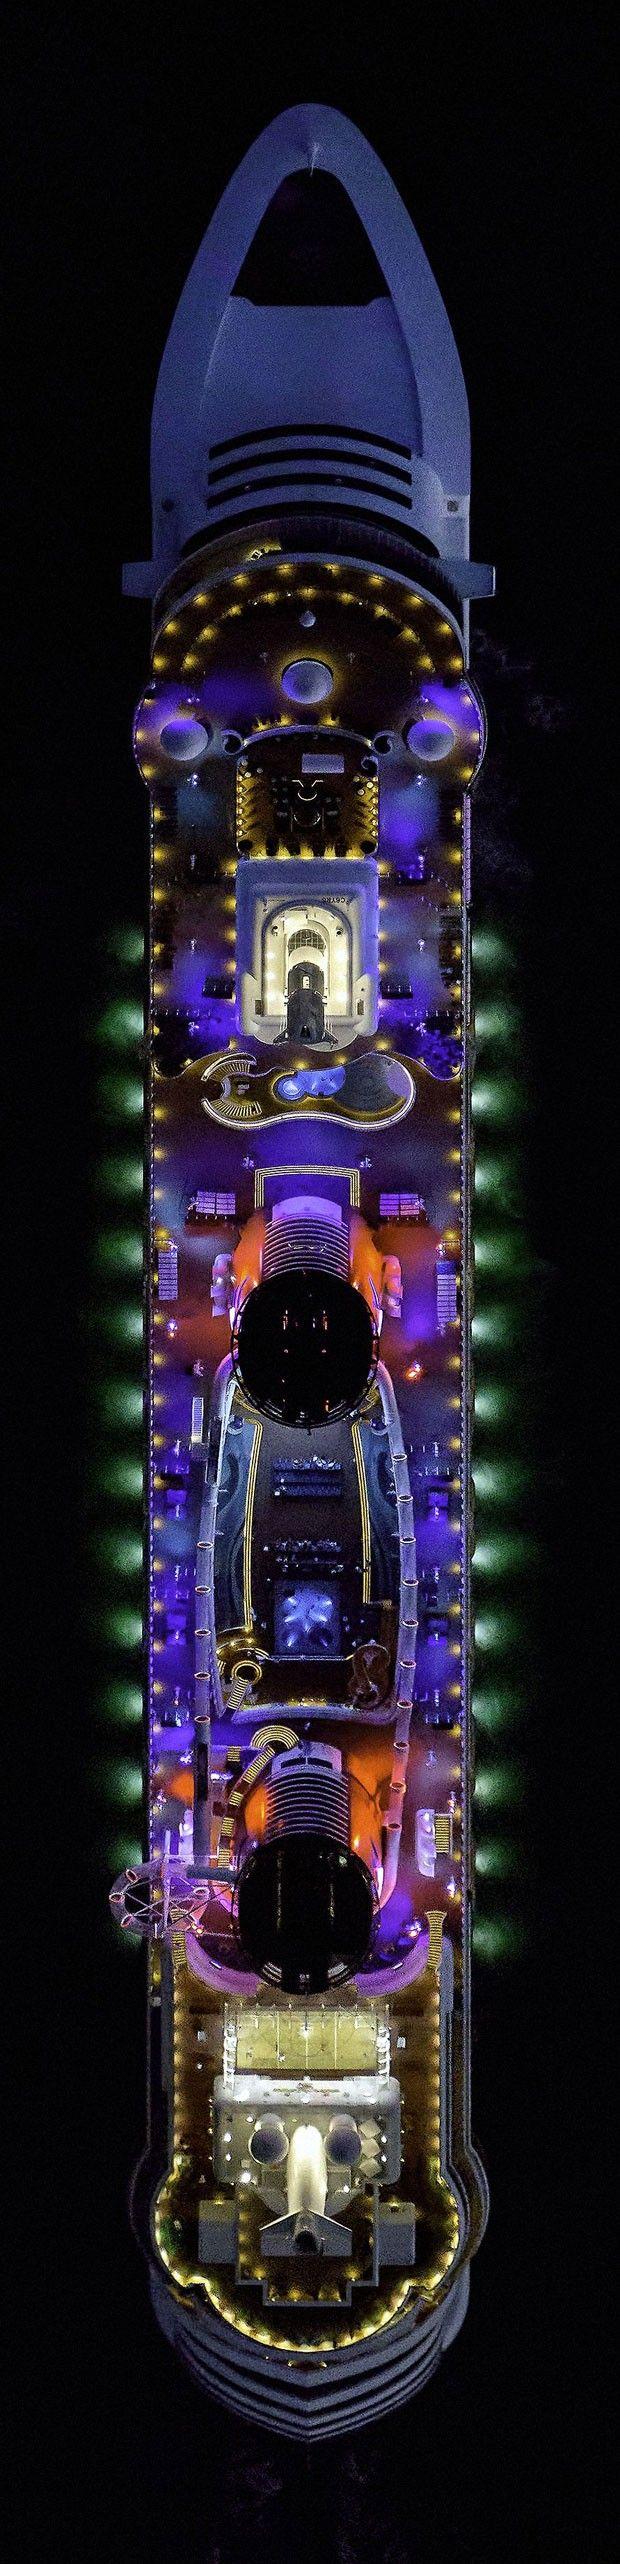 Disney Dream, cruzeiro do estúdio americano, é visto à noite com suas luzes coloridas acesas (Foto: Jeffrey Milstein/Rex Features)